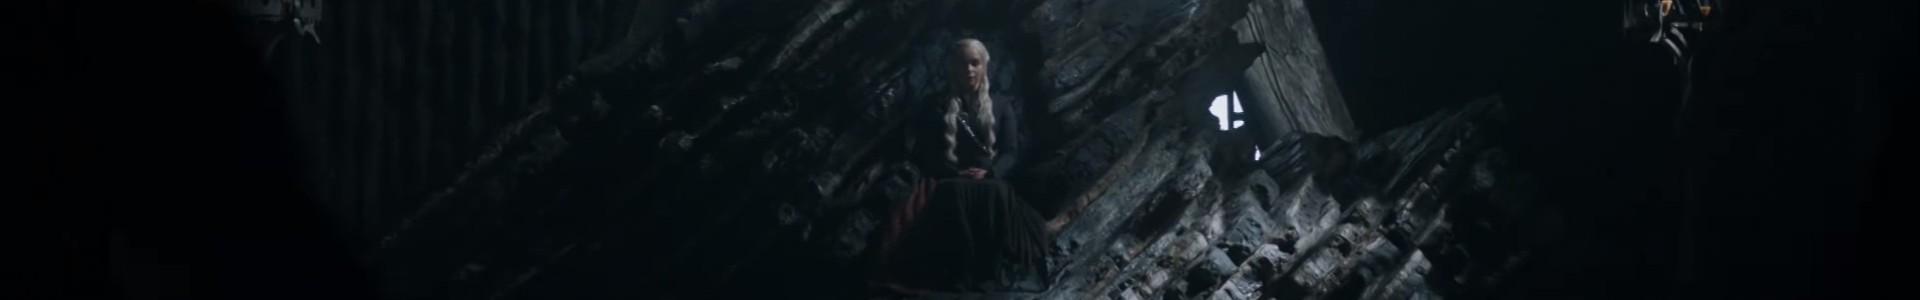 Game of Thrones: HBO finalmente lança o trailer completo da 7ª temporada